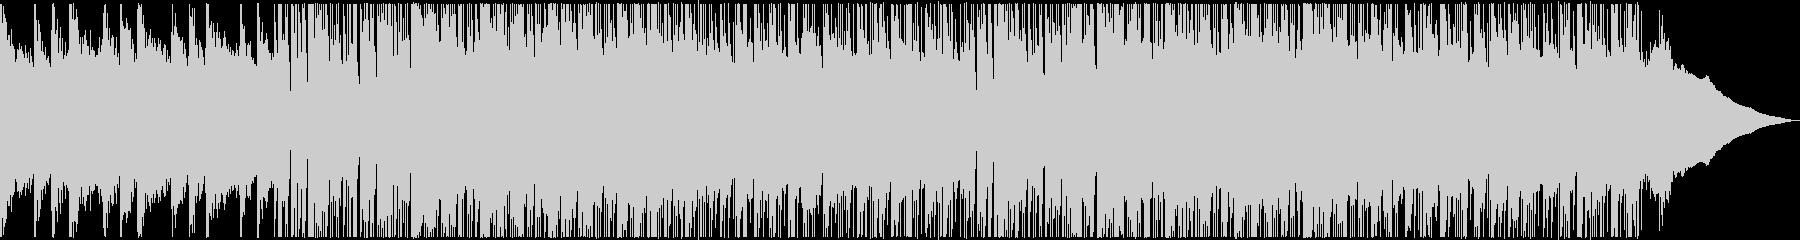 サーフロックにインスパイアされた6...の未再生の波形